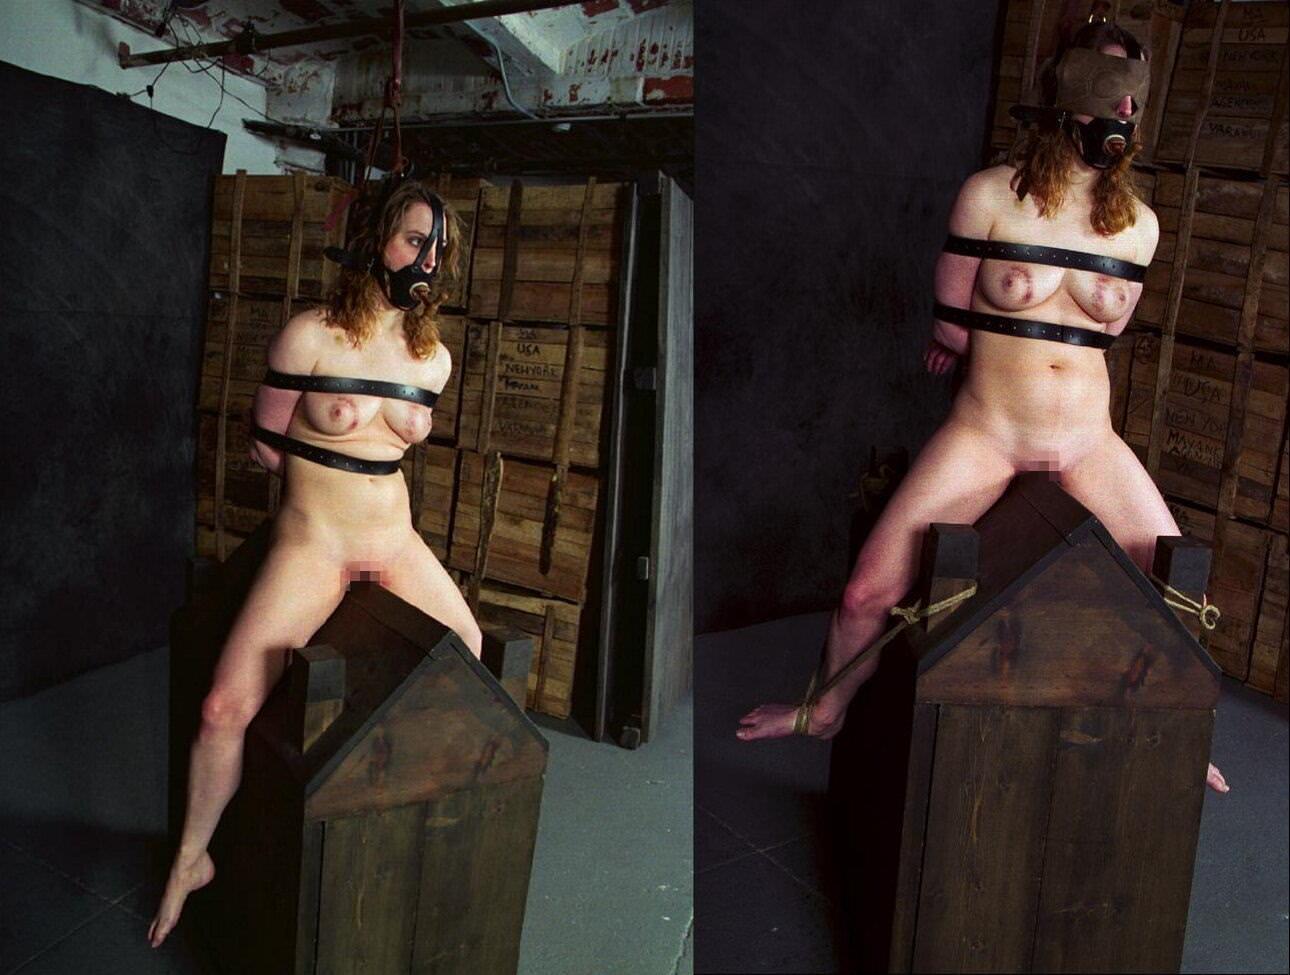 三角木馬とかいうマンコを破壊する超性具怖すぎwwwwwwwww(画像あり)・26枚目